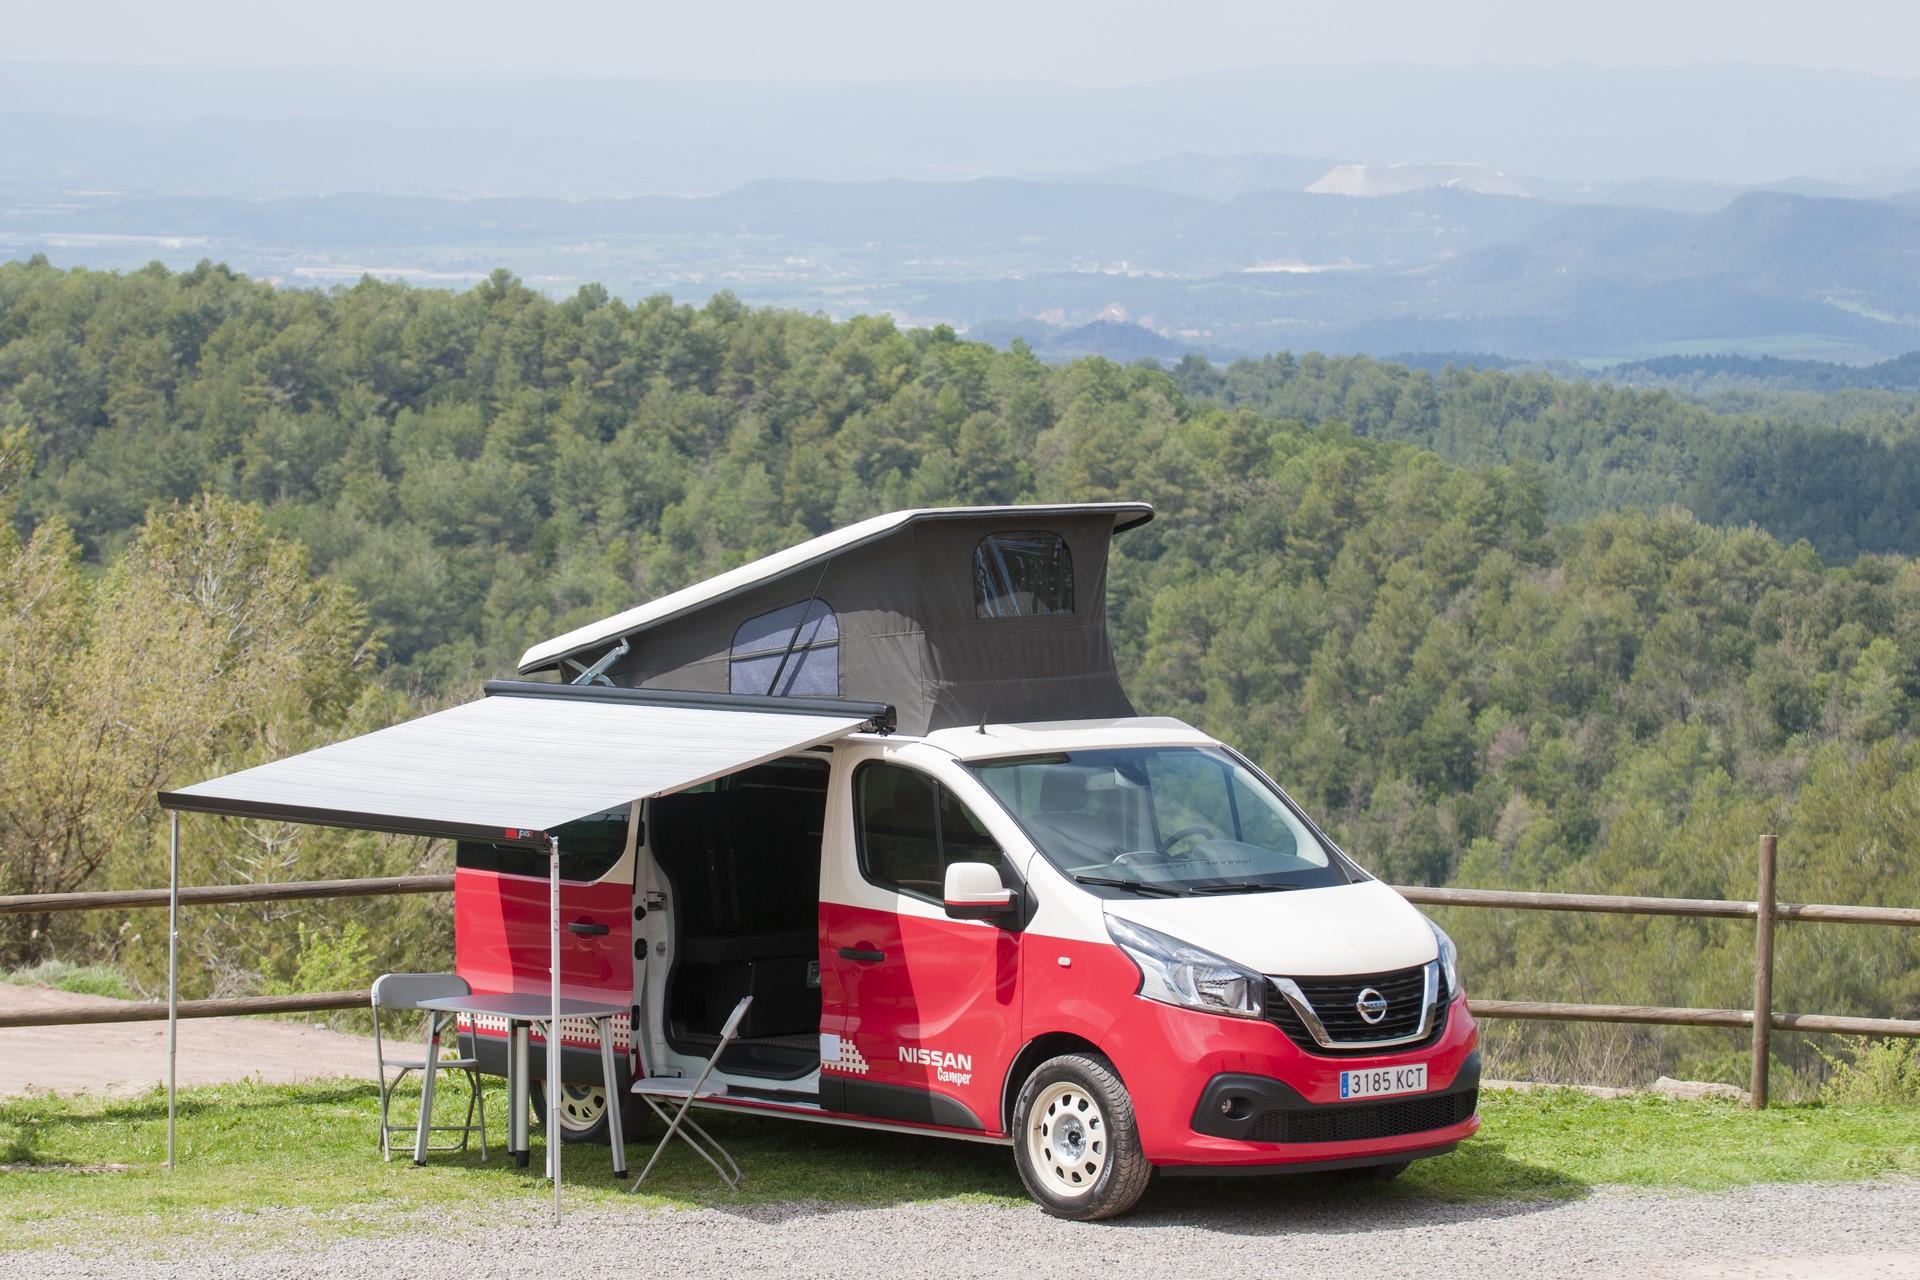 Nissan se va de vacaciones en las nuevas NV200 Camper, NV 300 Camper y la auténtica cero emisiones, la e-NV 200 Camper.